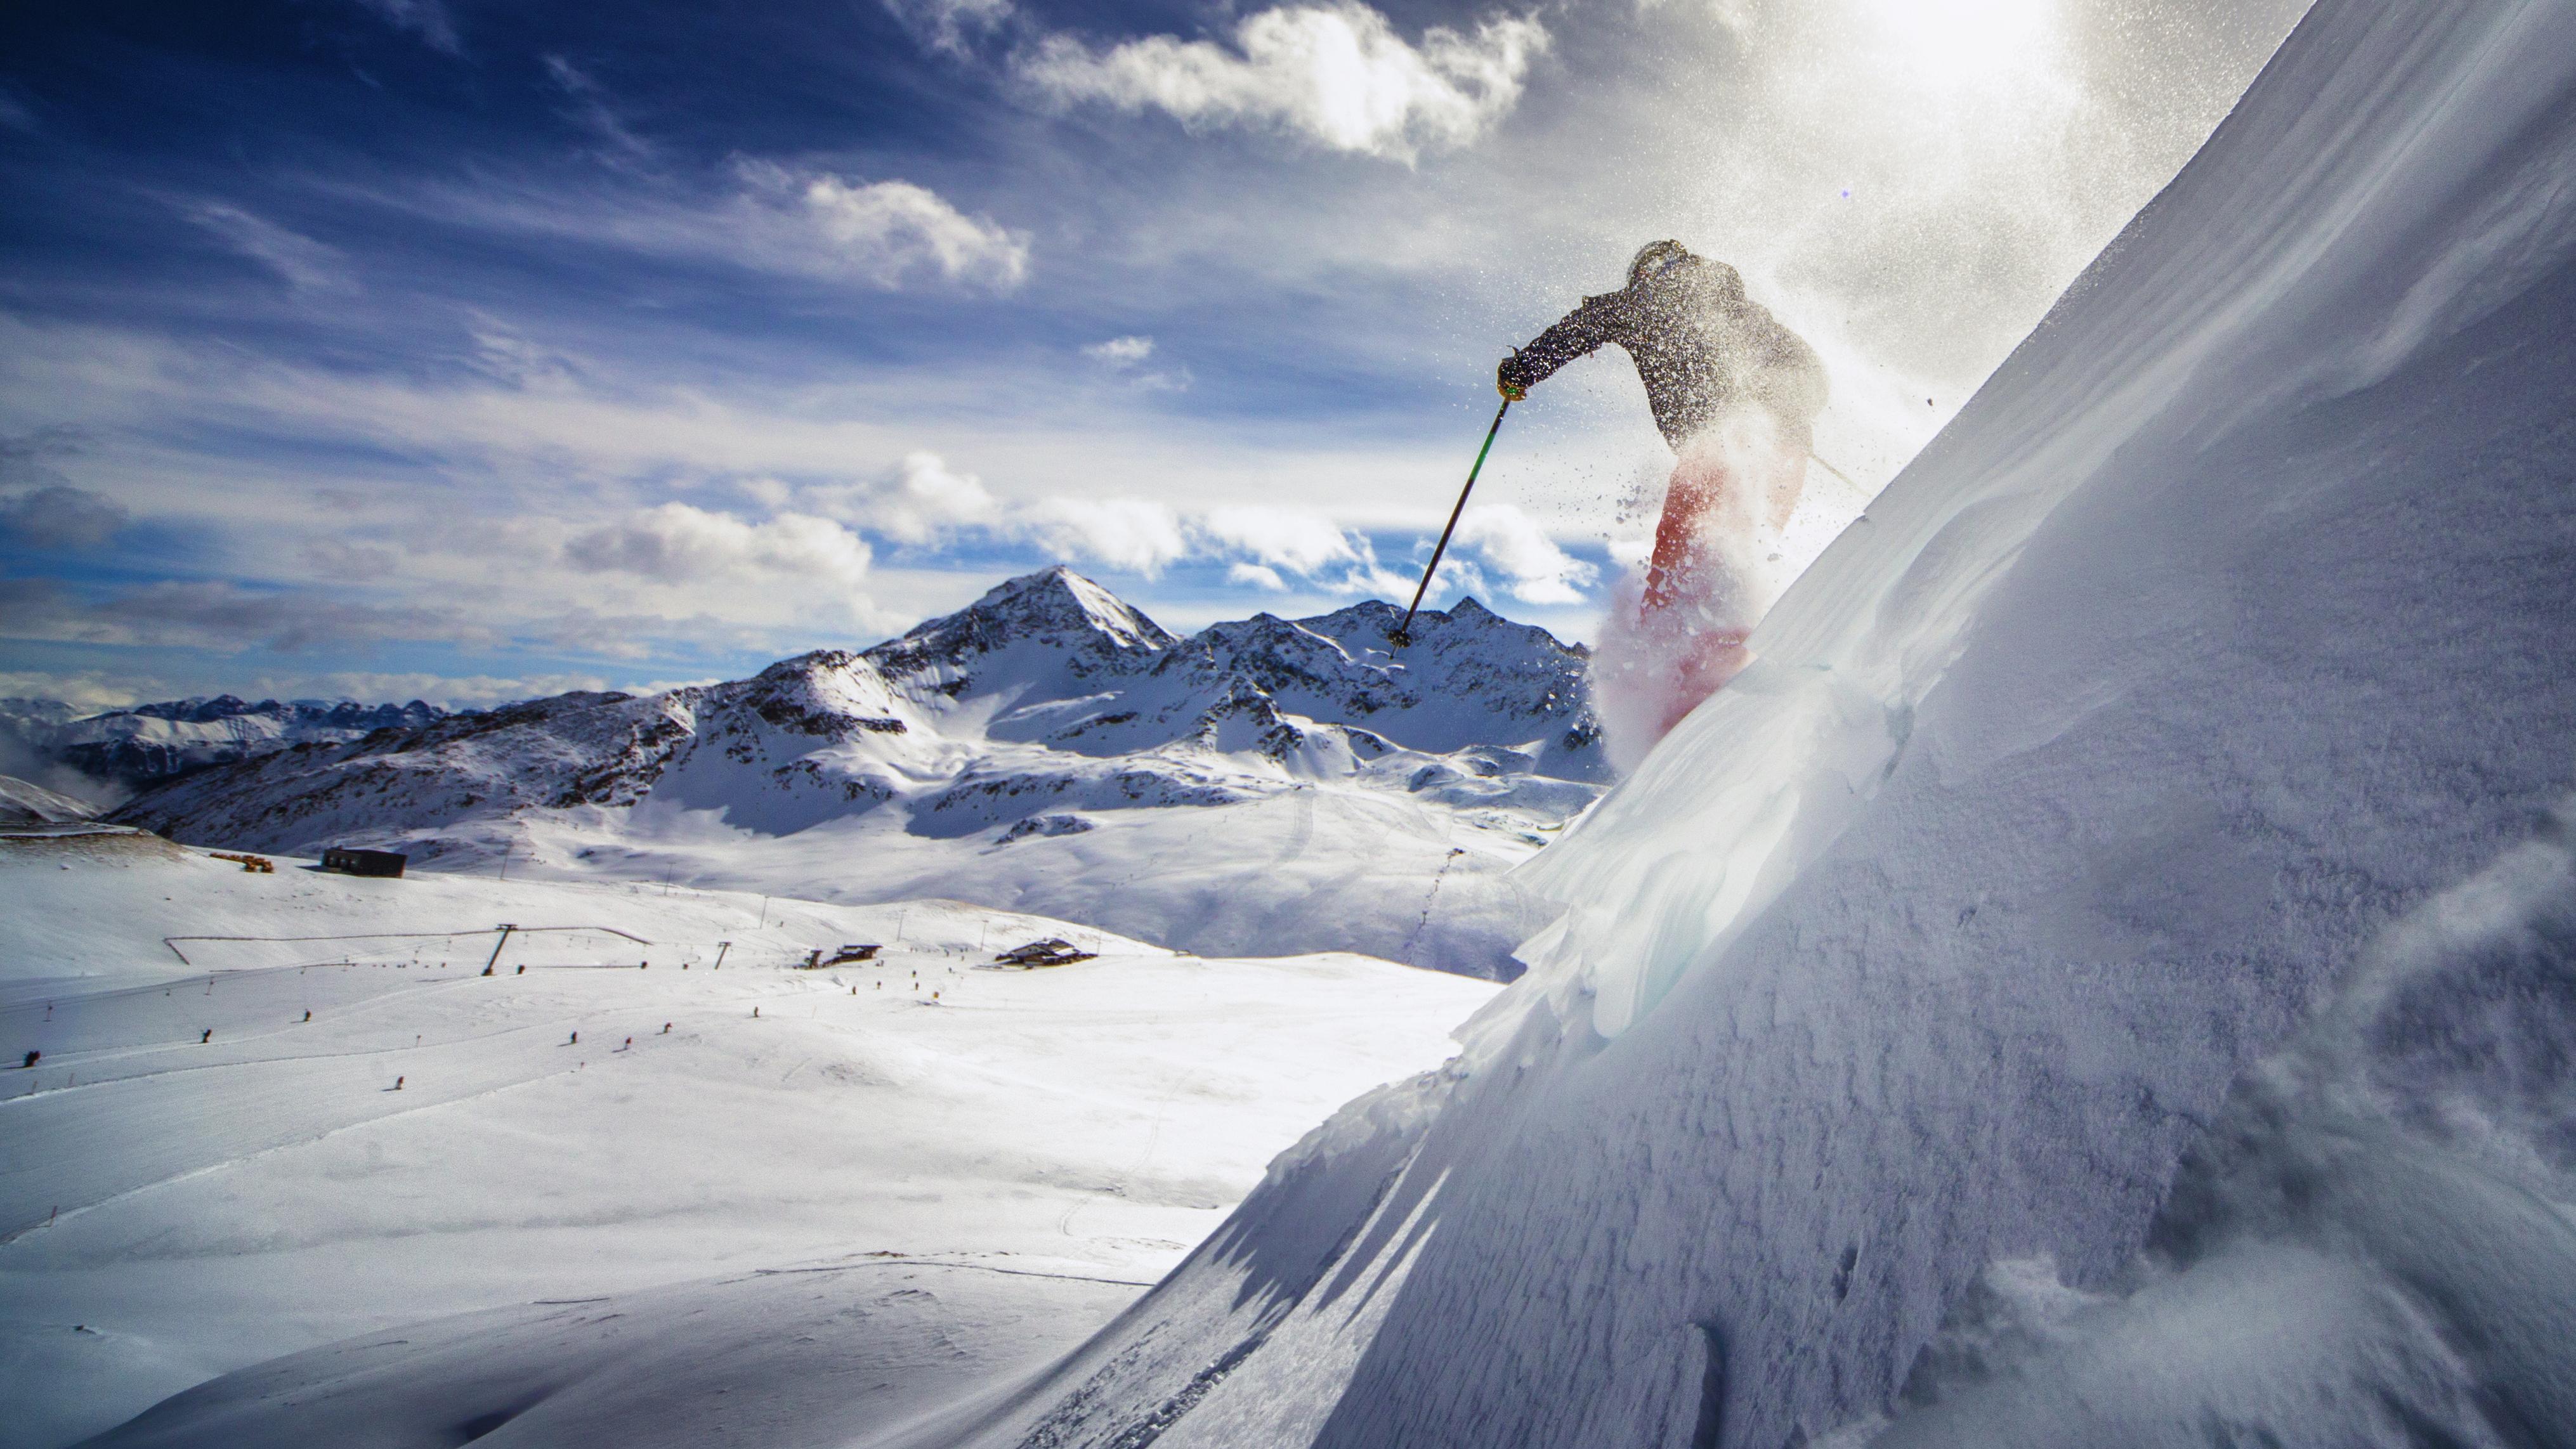 Skier skiing down a mountain.